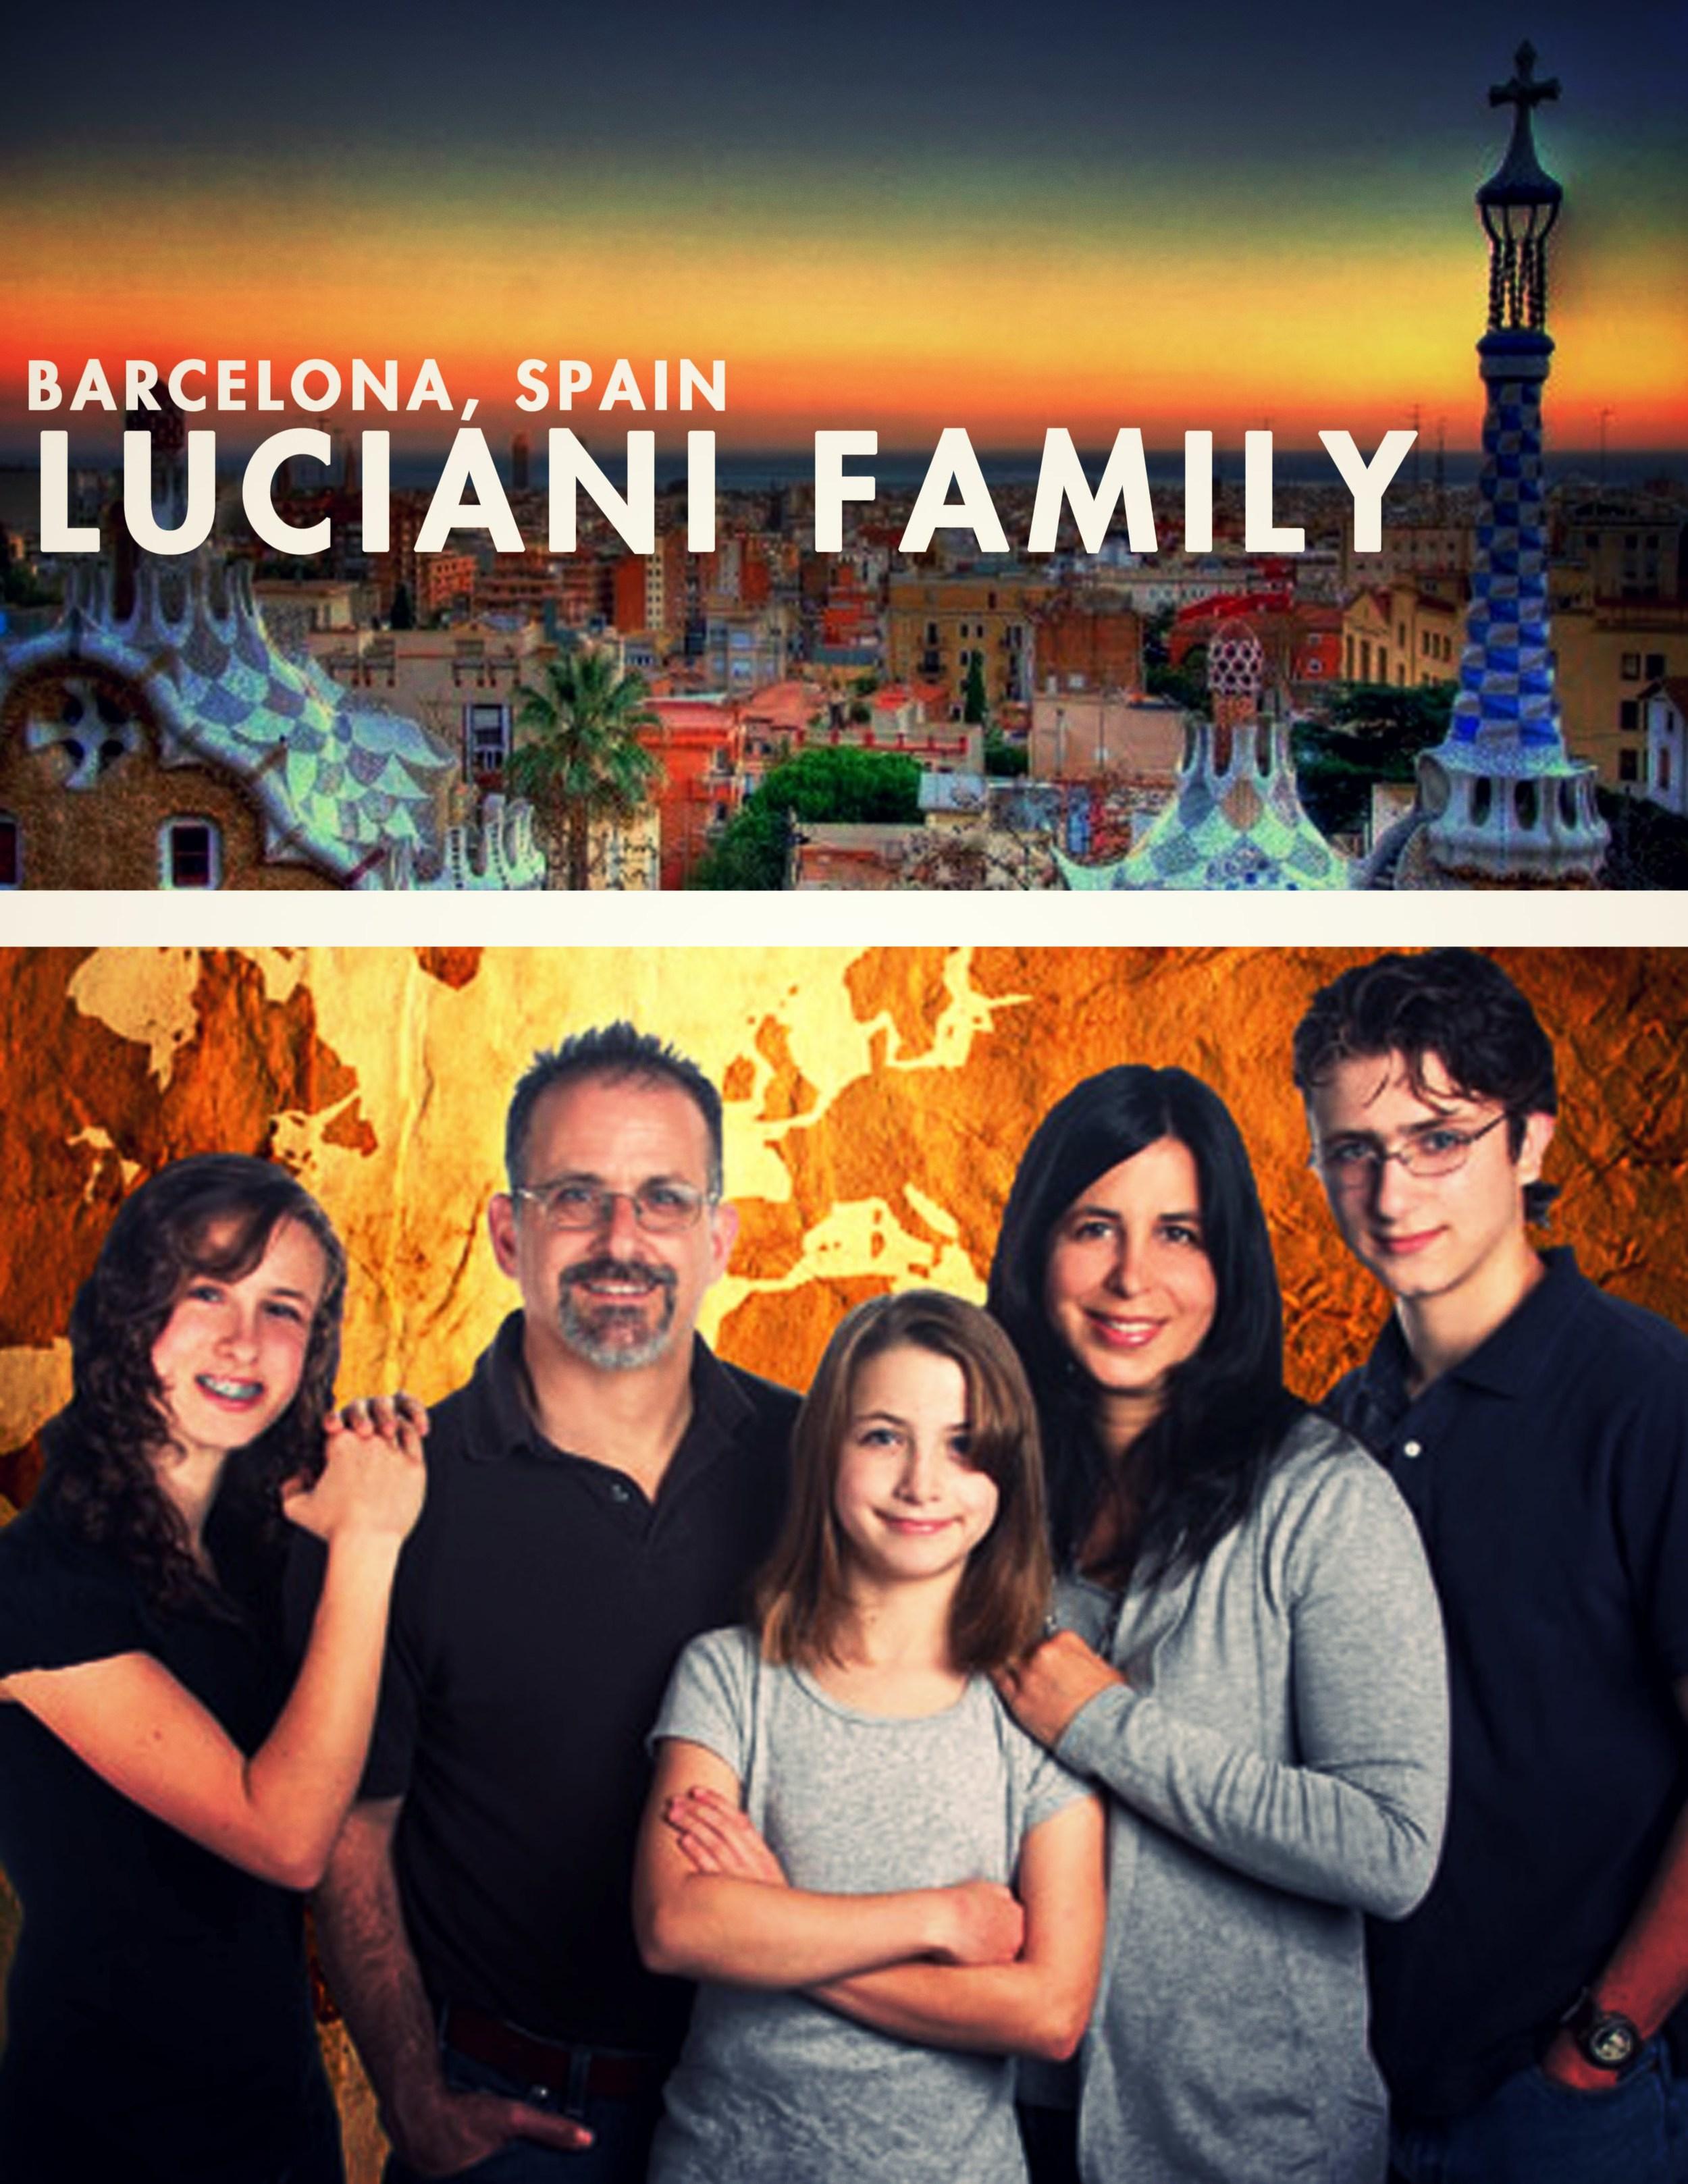 With their children,  Raquel, Gabriel and Priscilla